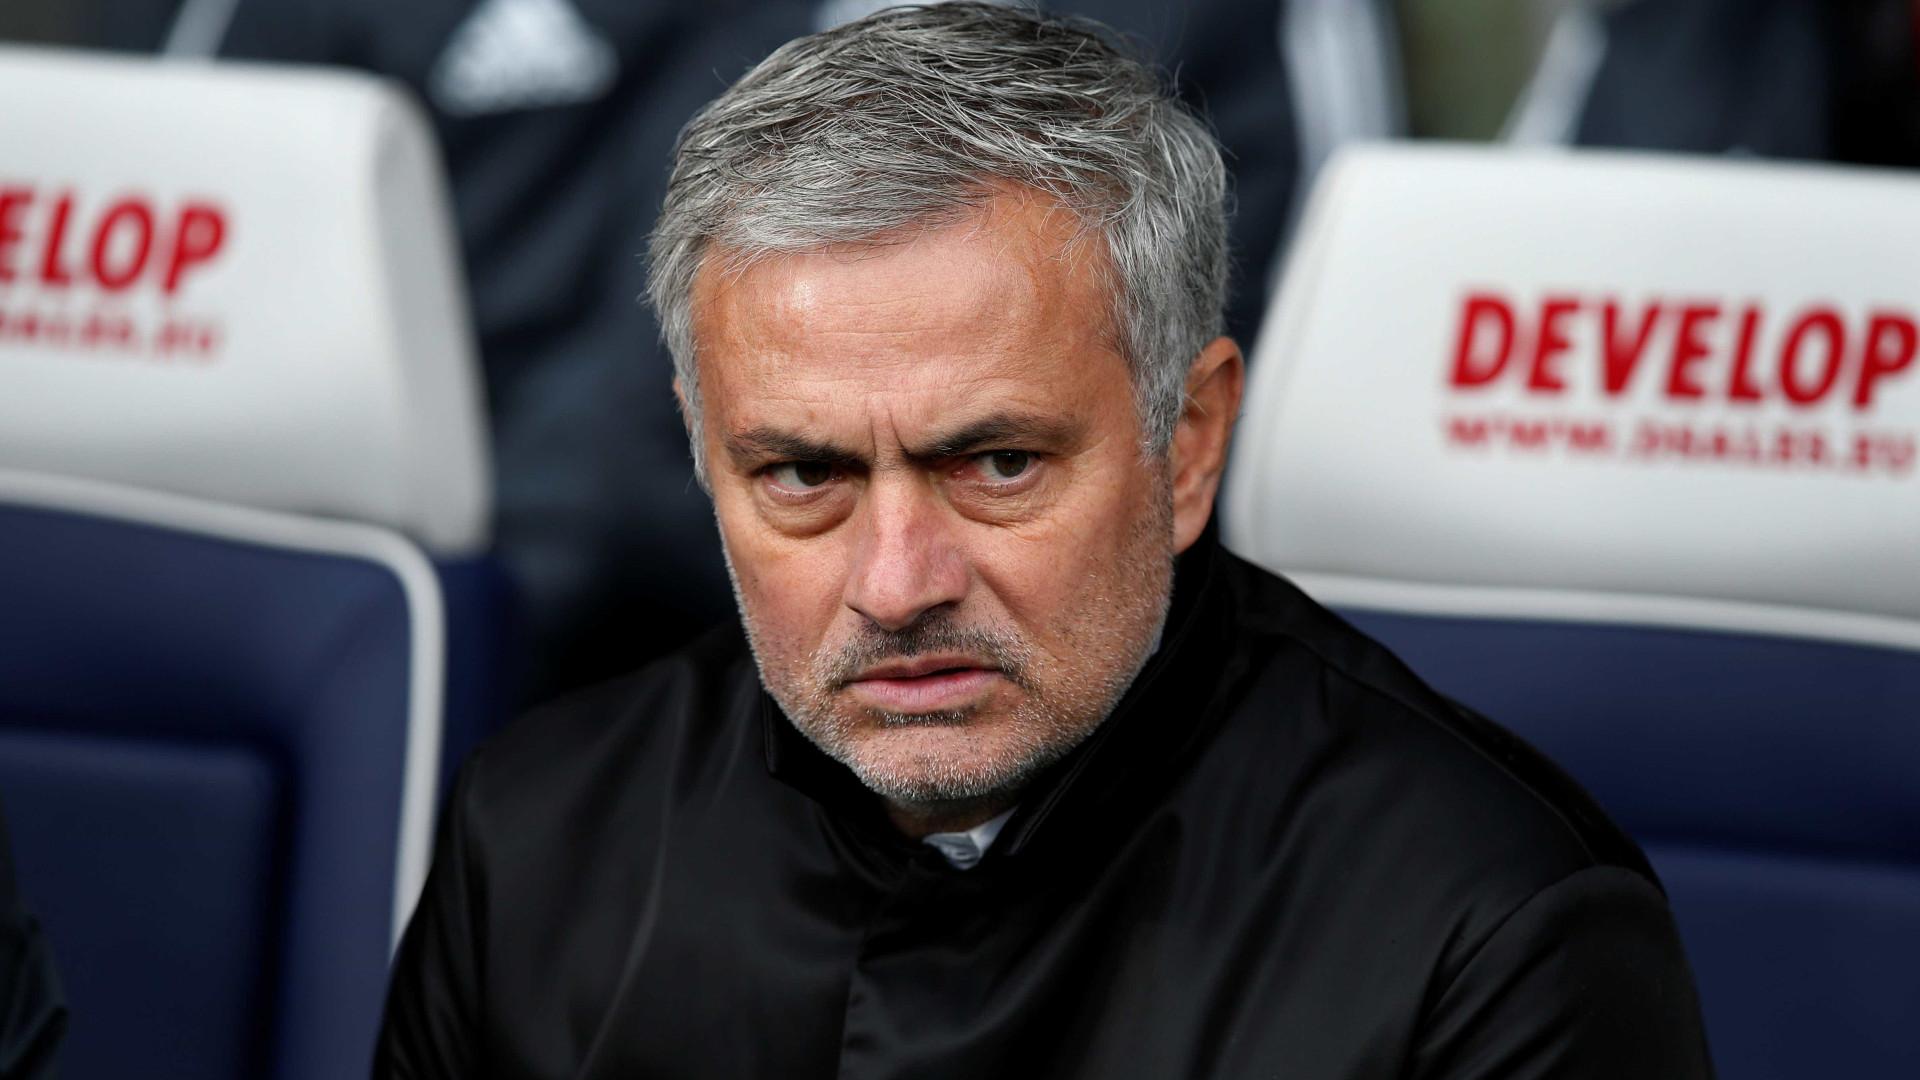 Planos de Mourinho 'estragam' Natal a funcionários do Manchester United